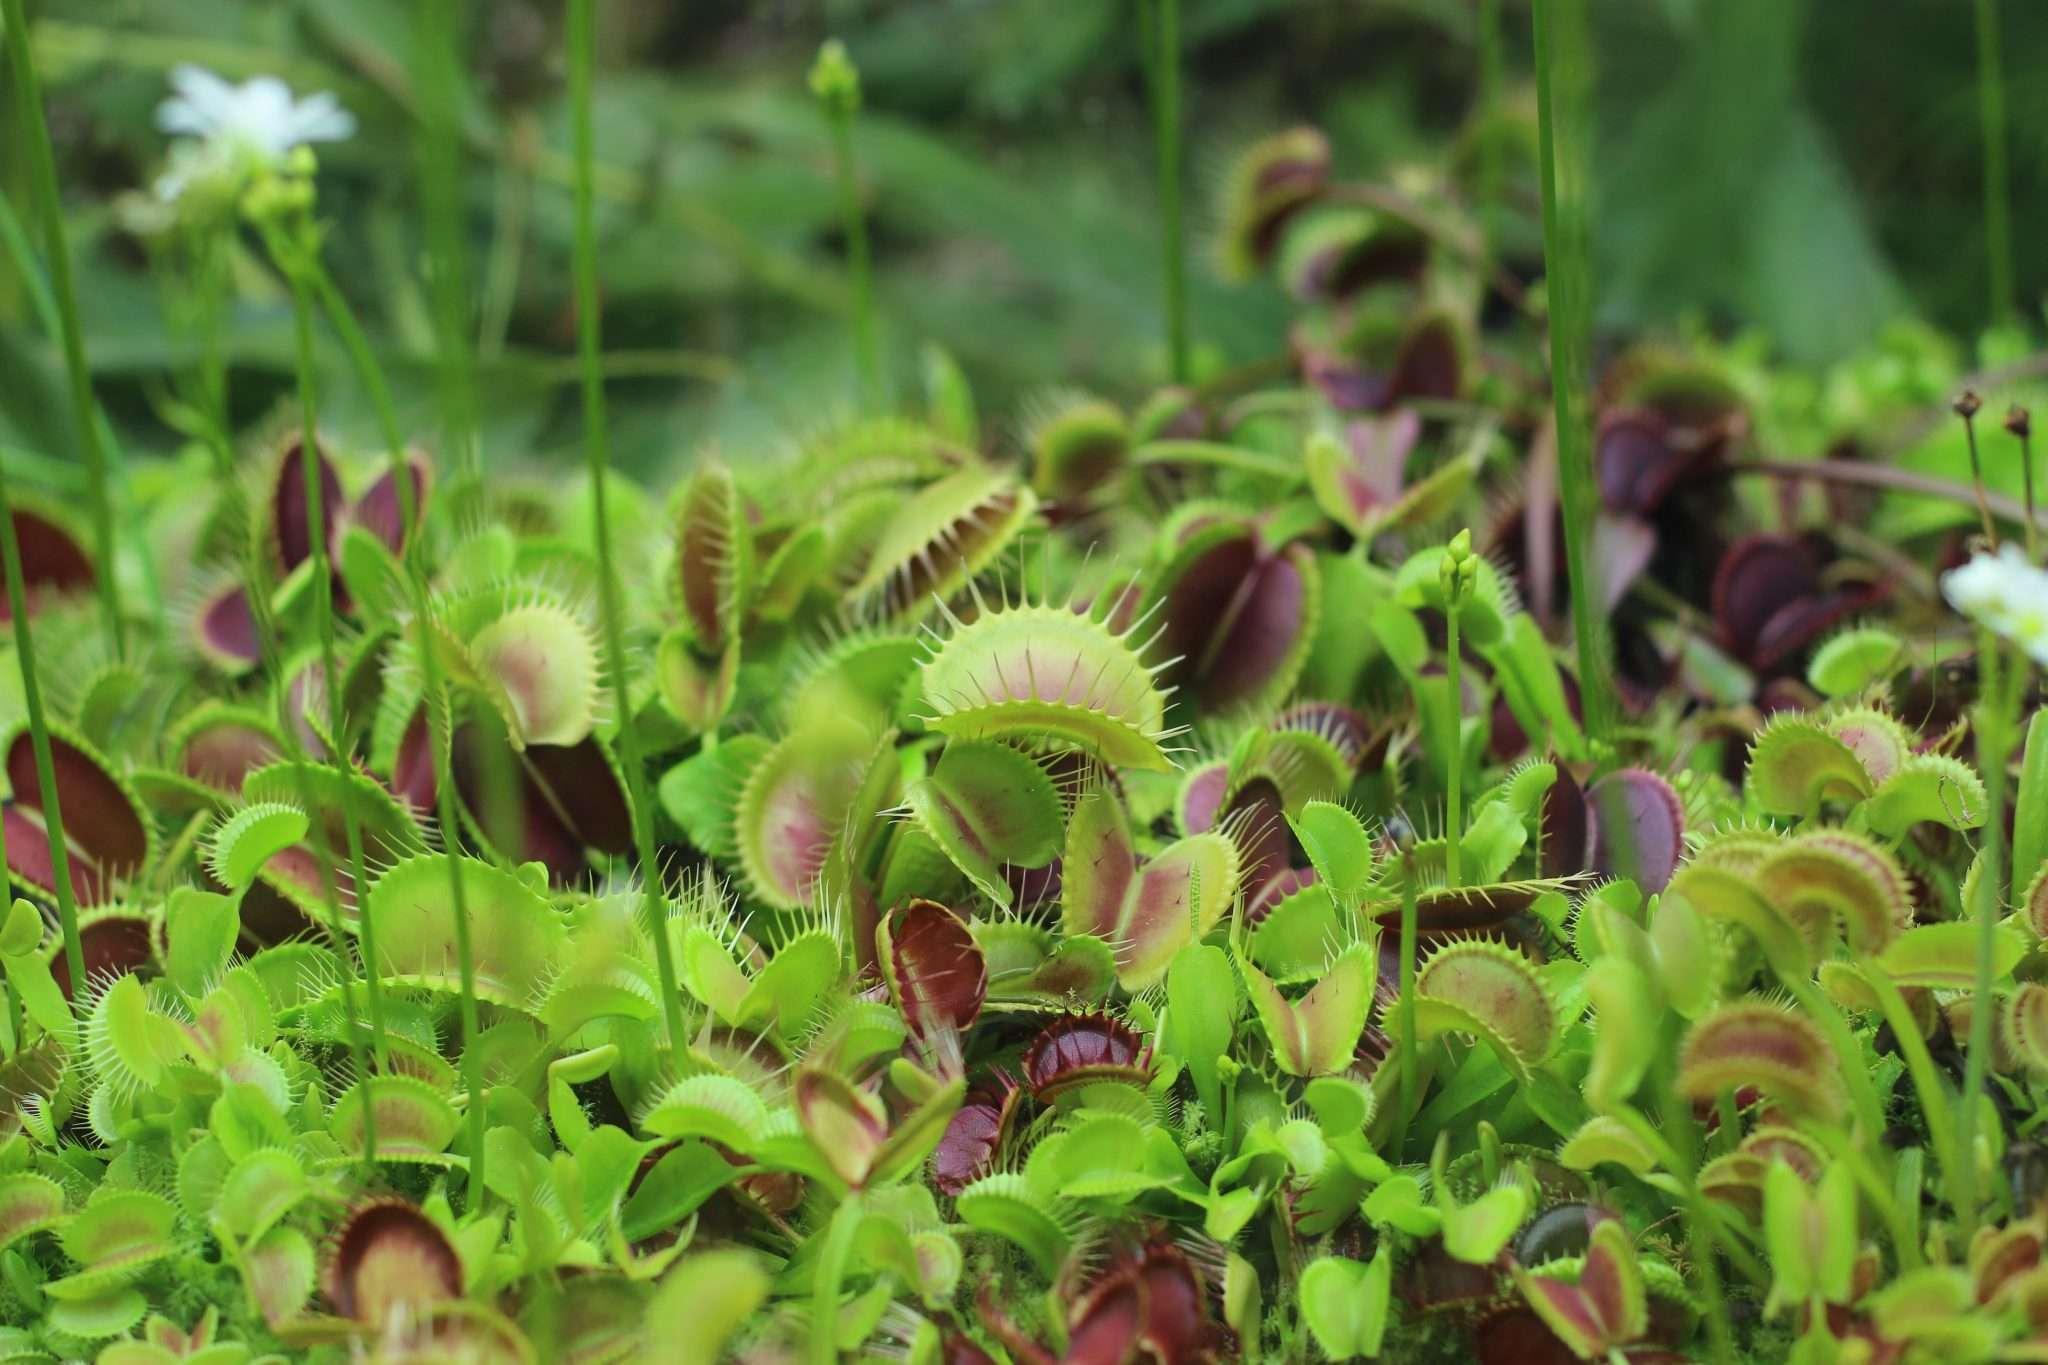 healthy new Venus flytraps